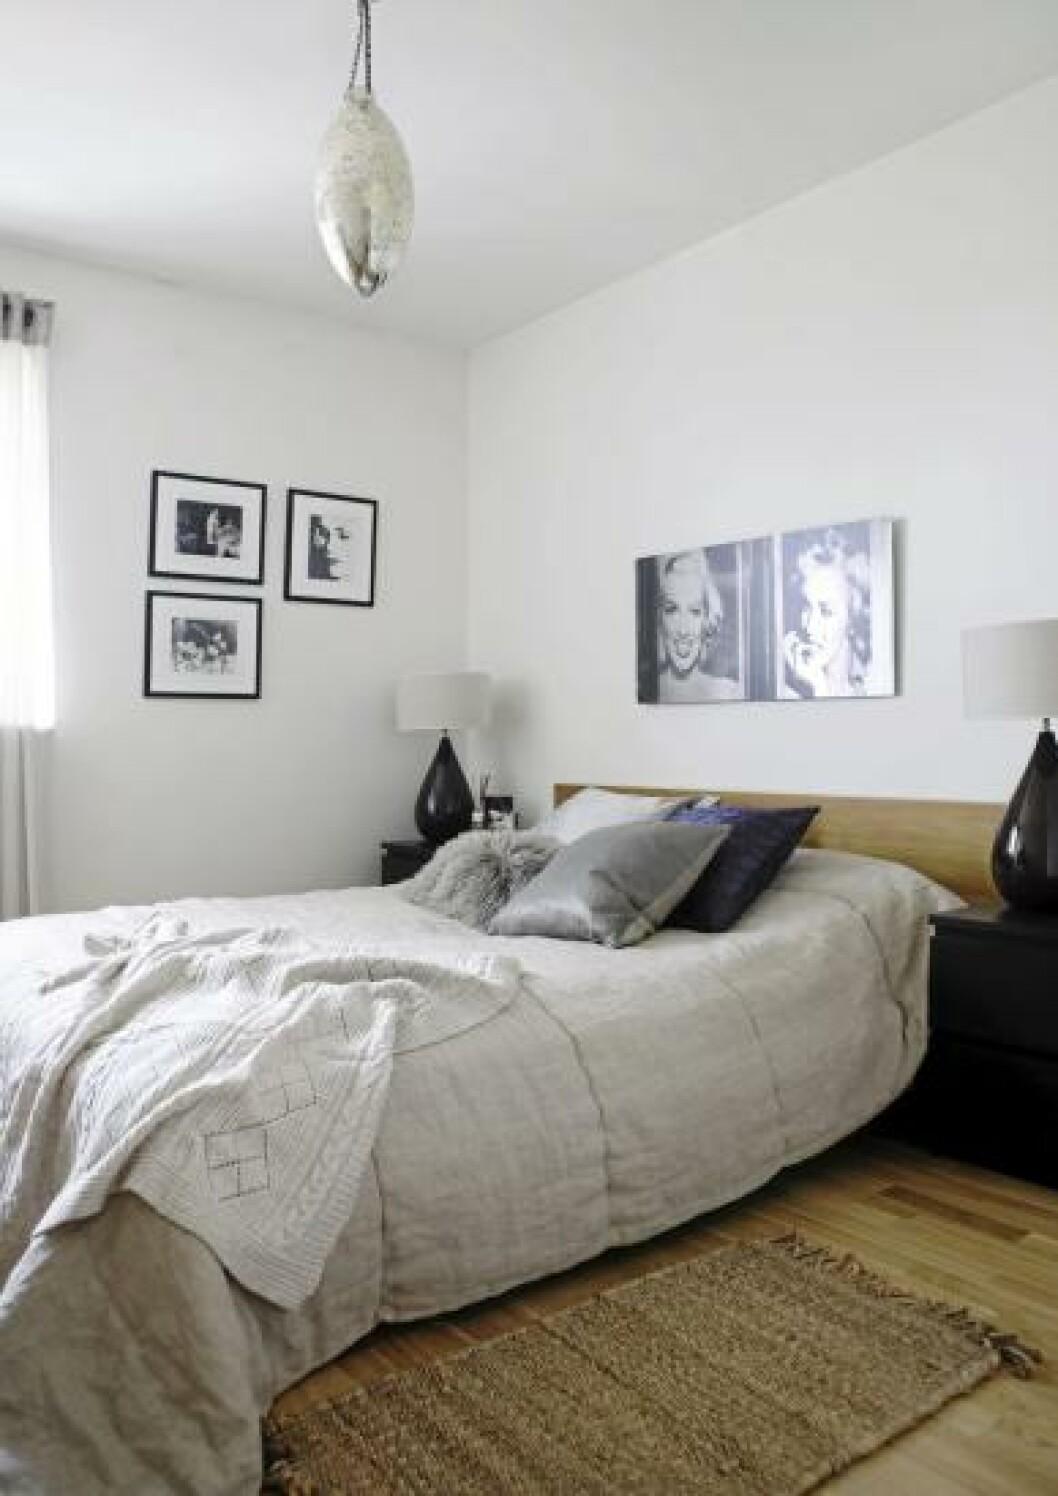 <strong>SOVEROMMET:</strong> Soverommet er enkelt og moderne innredet med lyse farger. Veggene er dekorert med bilder i svarthvitt. Foto: Yvonne Wilhelmsen